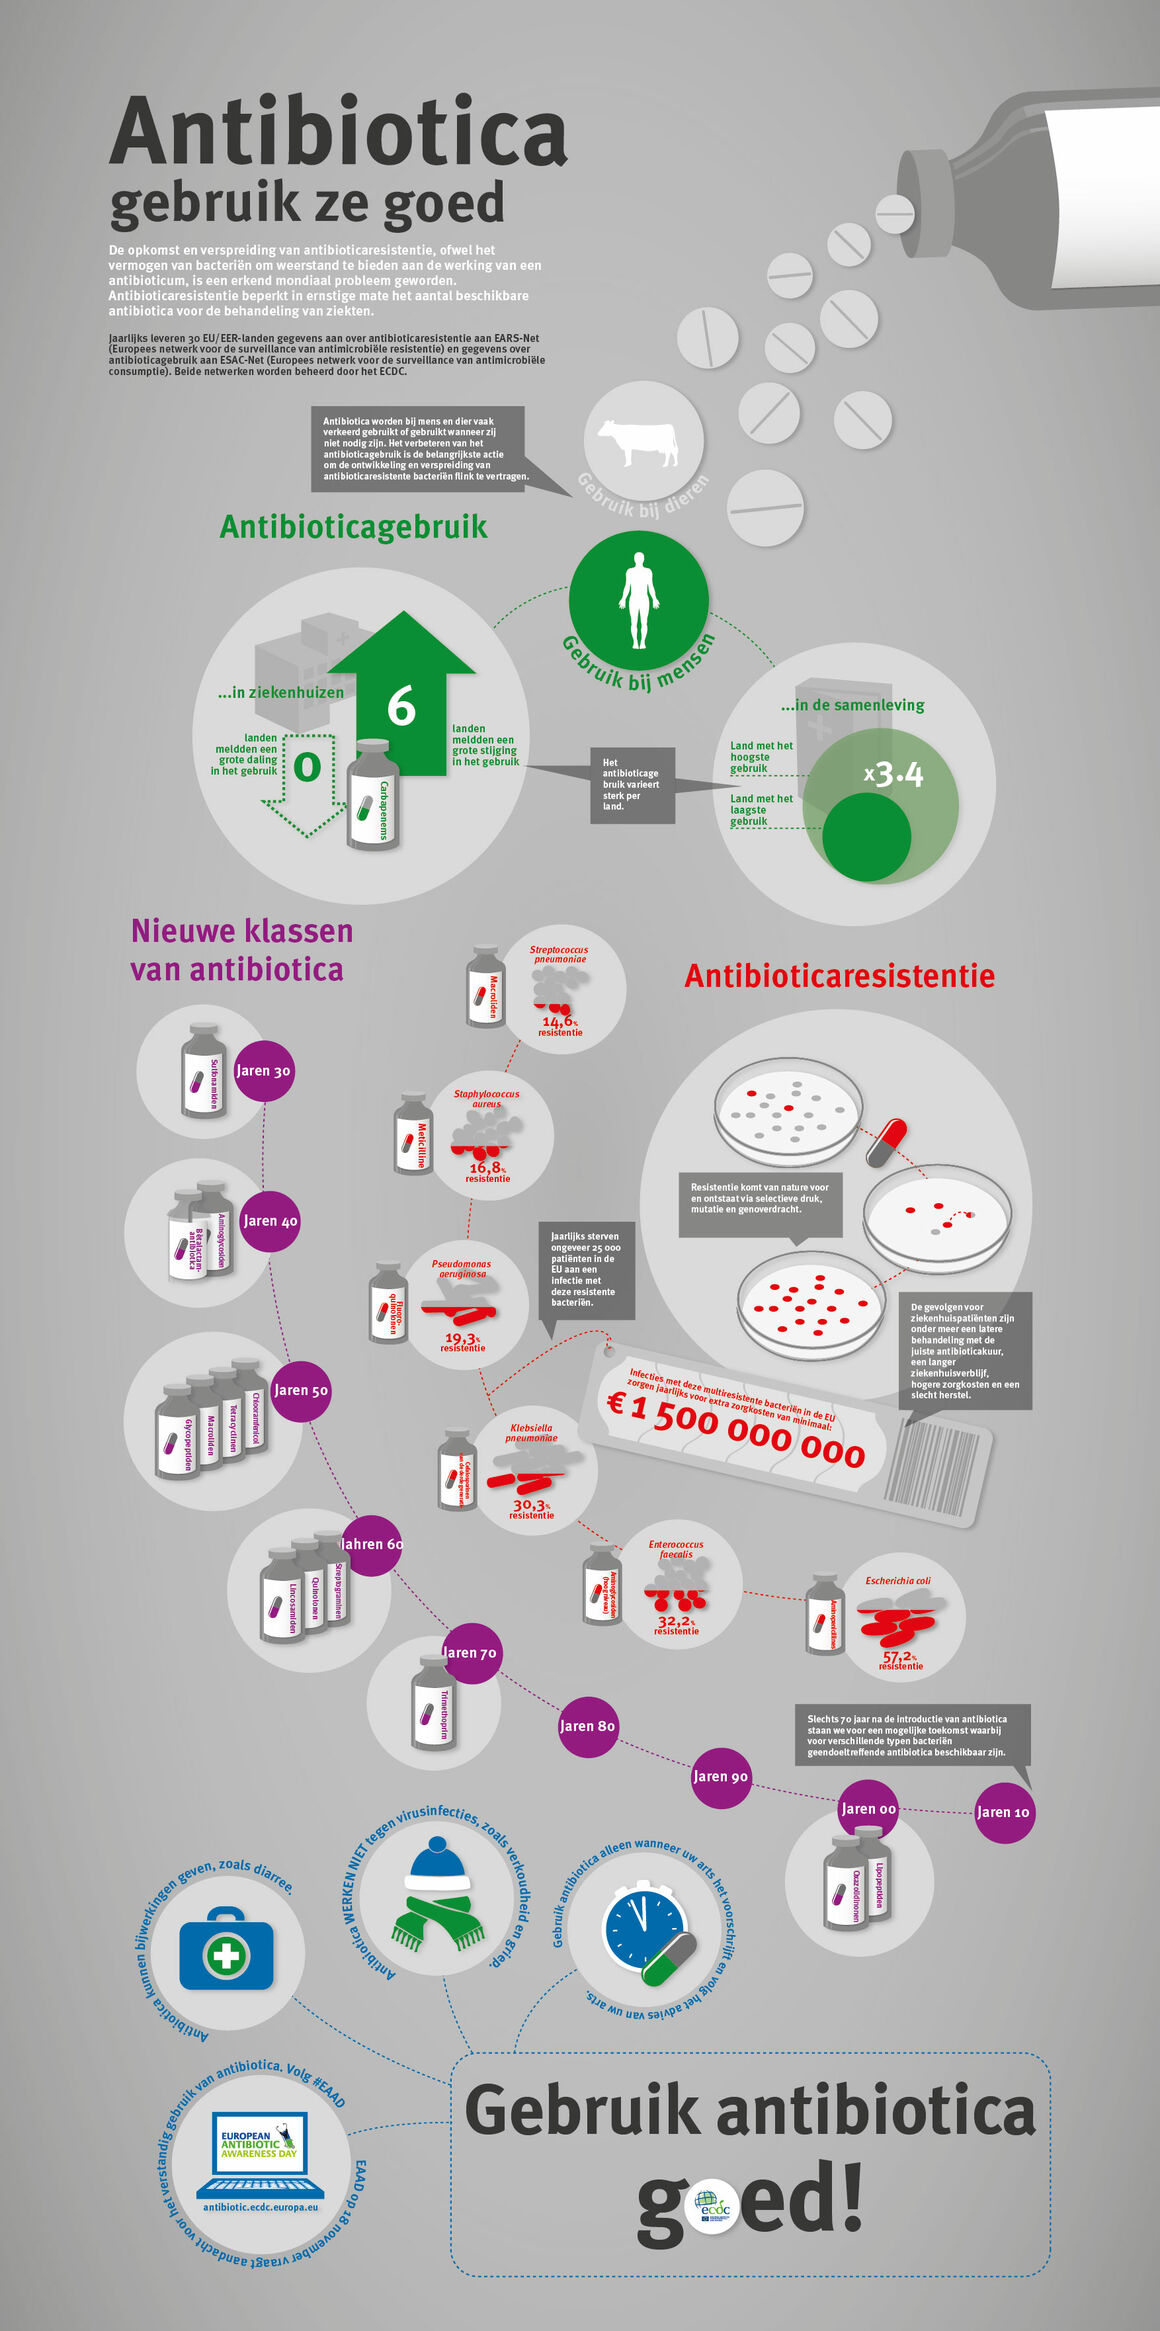 Antibiotica gebruik ze goed